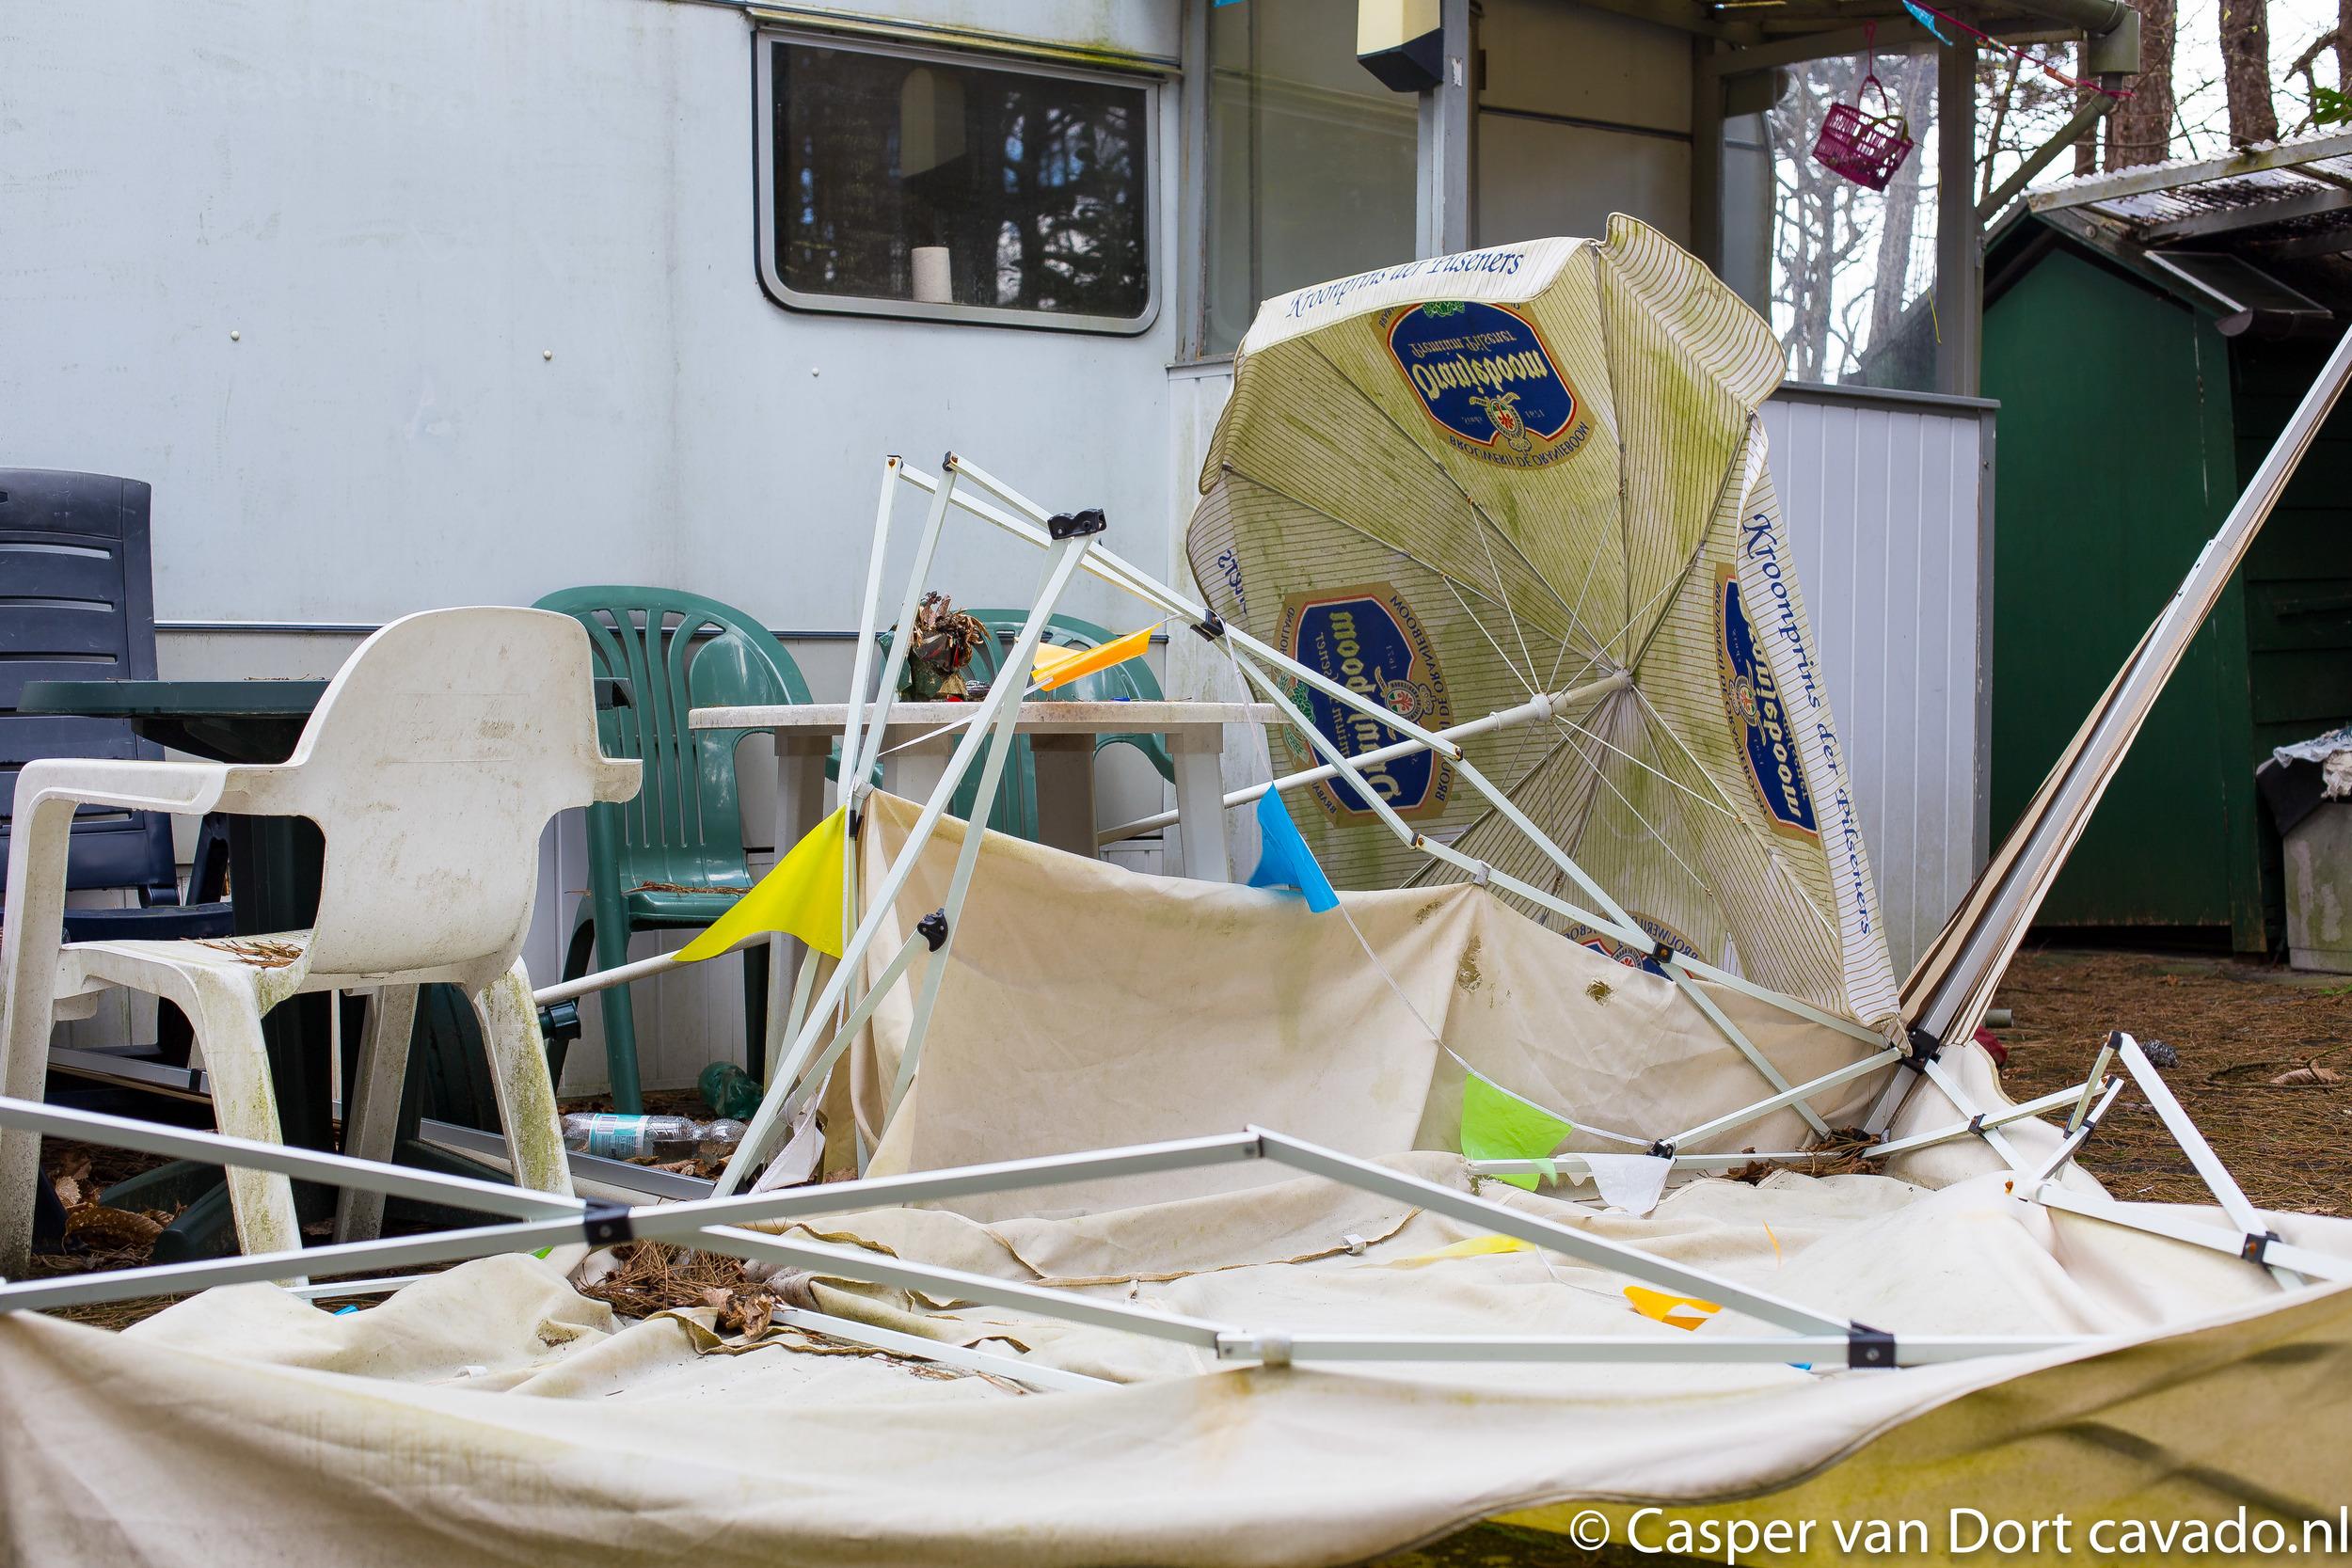 Verlaten feestje Camping-2.jpg